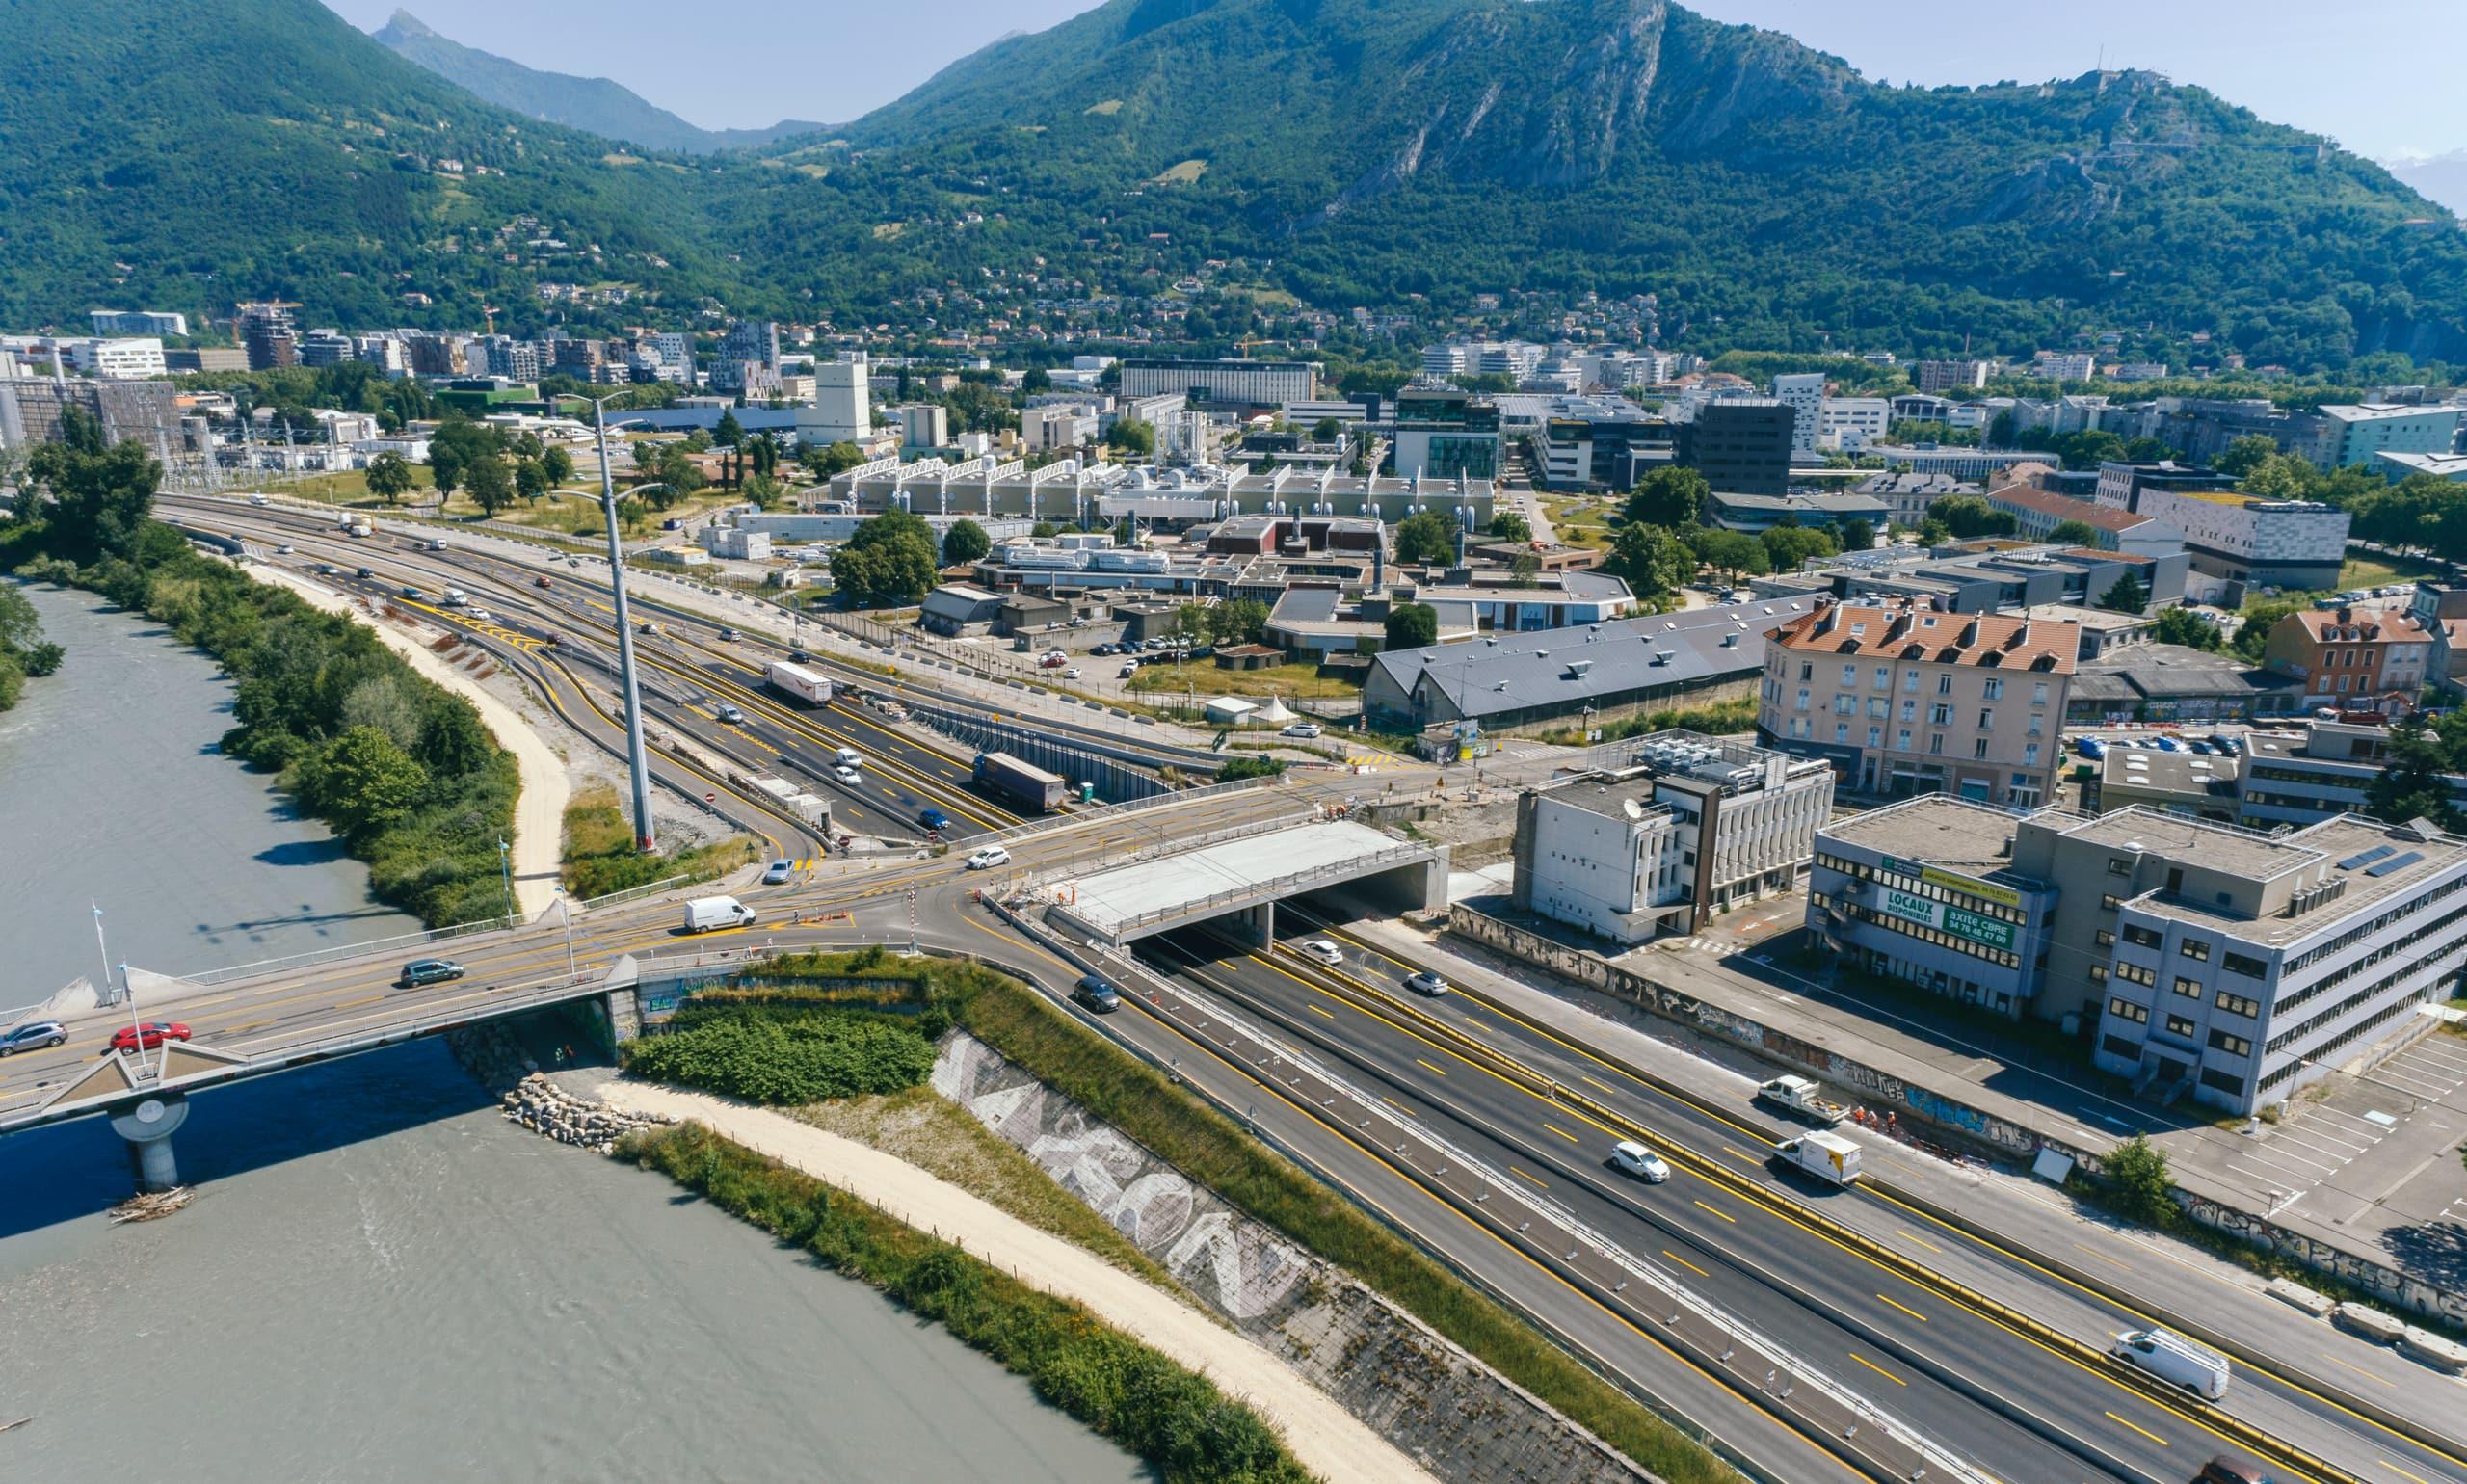 travaux en cours pour l'extention des voies sur le pont de Vercors au dessus de l'axe autoroutier A480-Rondeau